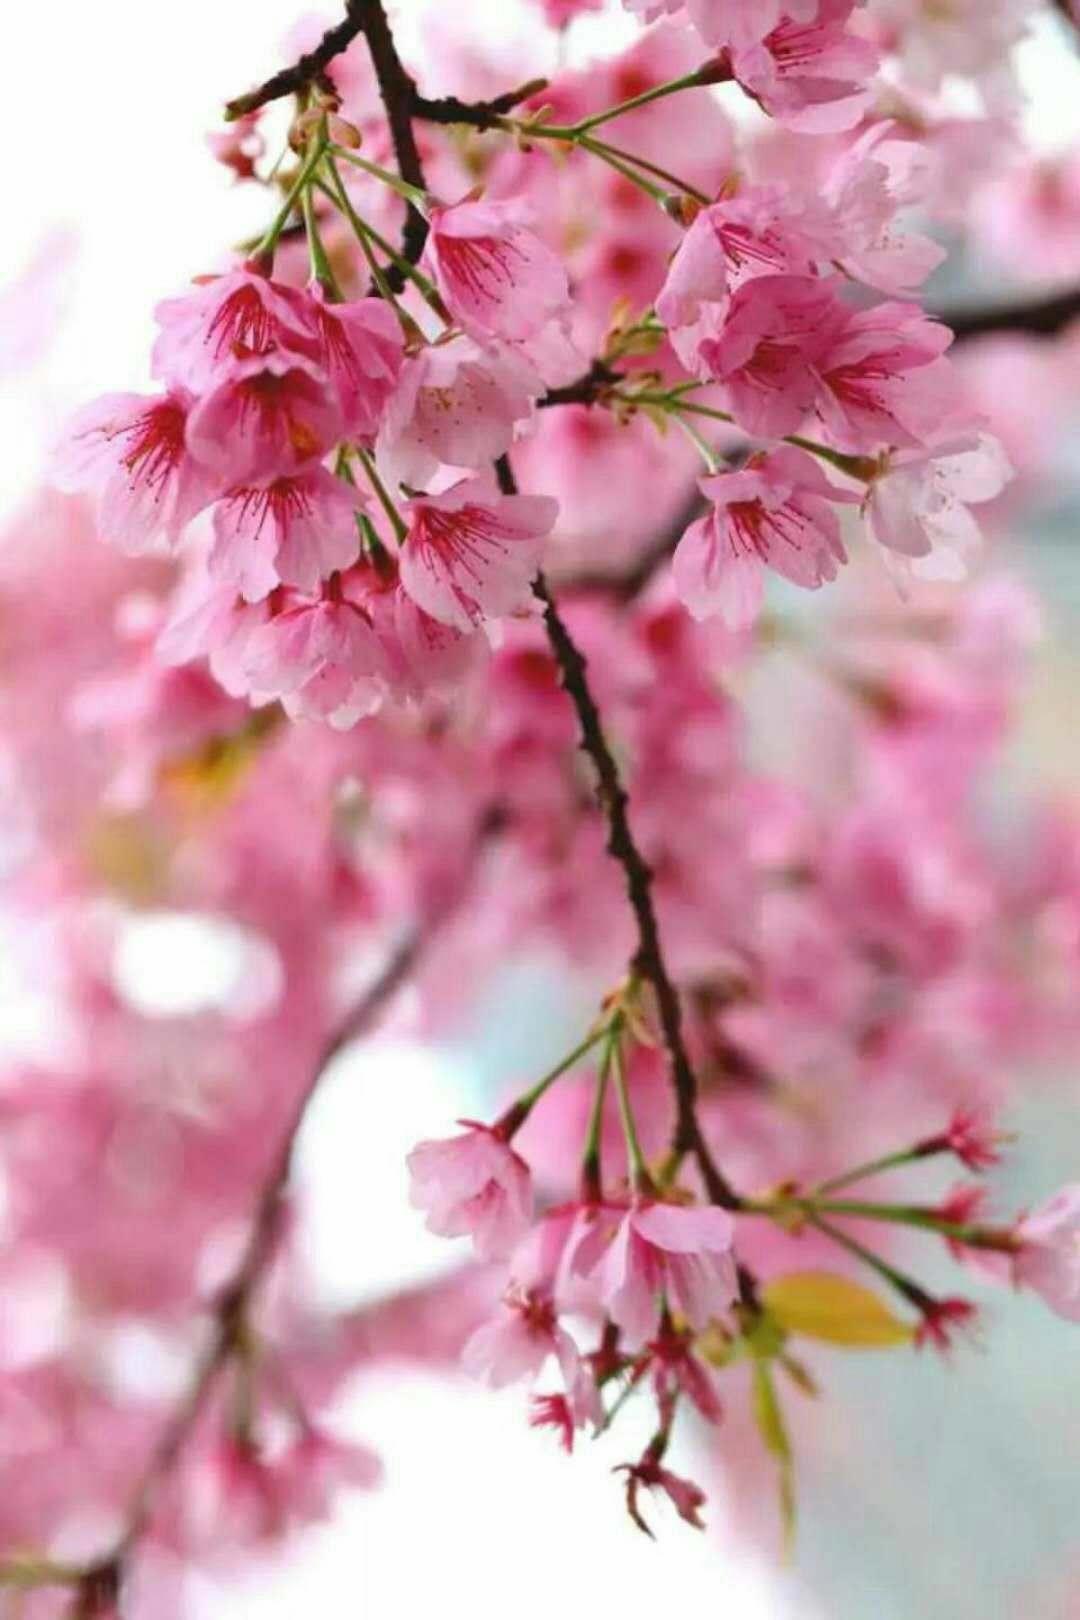 每次樱花落了满院 总看不见你的脚步 让我怎能不忧伤 满地的粉红 总不肯扫去 每一片都是我对你的期盼 樱花飘落 一个人早已习惯 你来与不来 我不想再过问结果 只想在院中安静的站着 看每次的花开花落 那一片不都是你的缩影